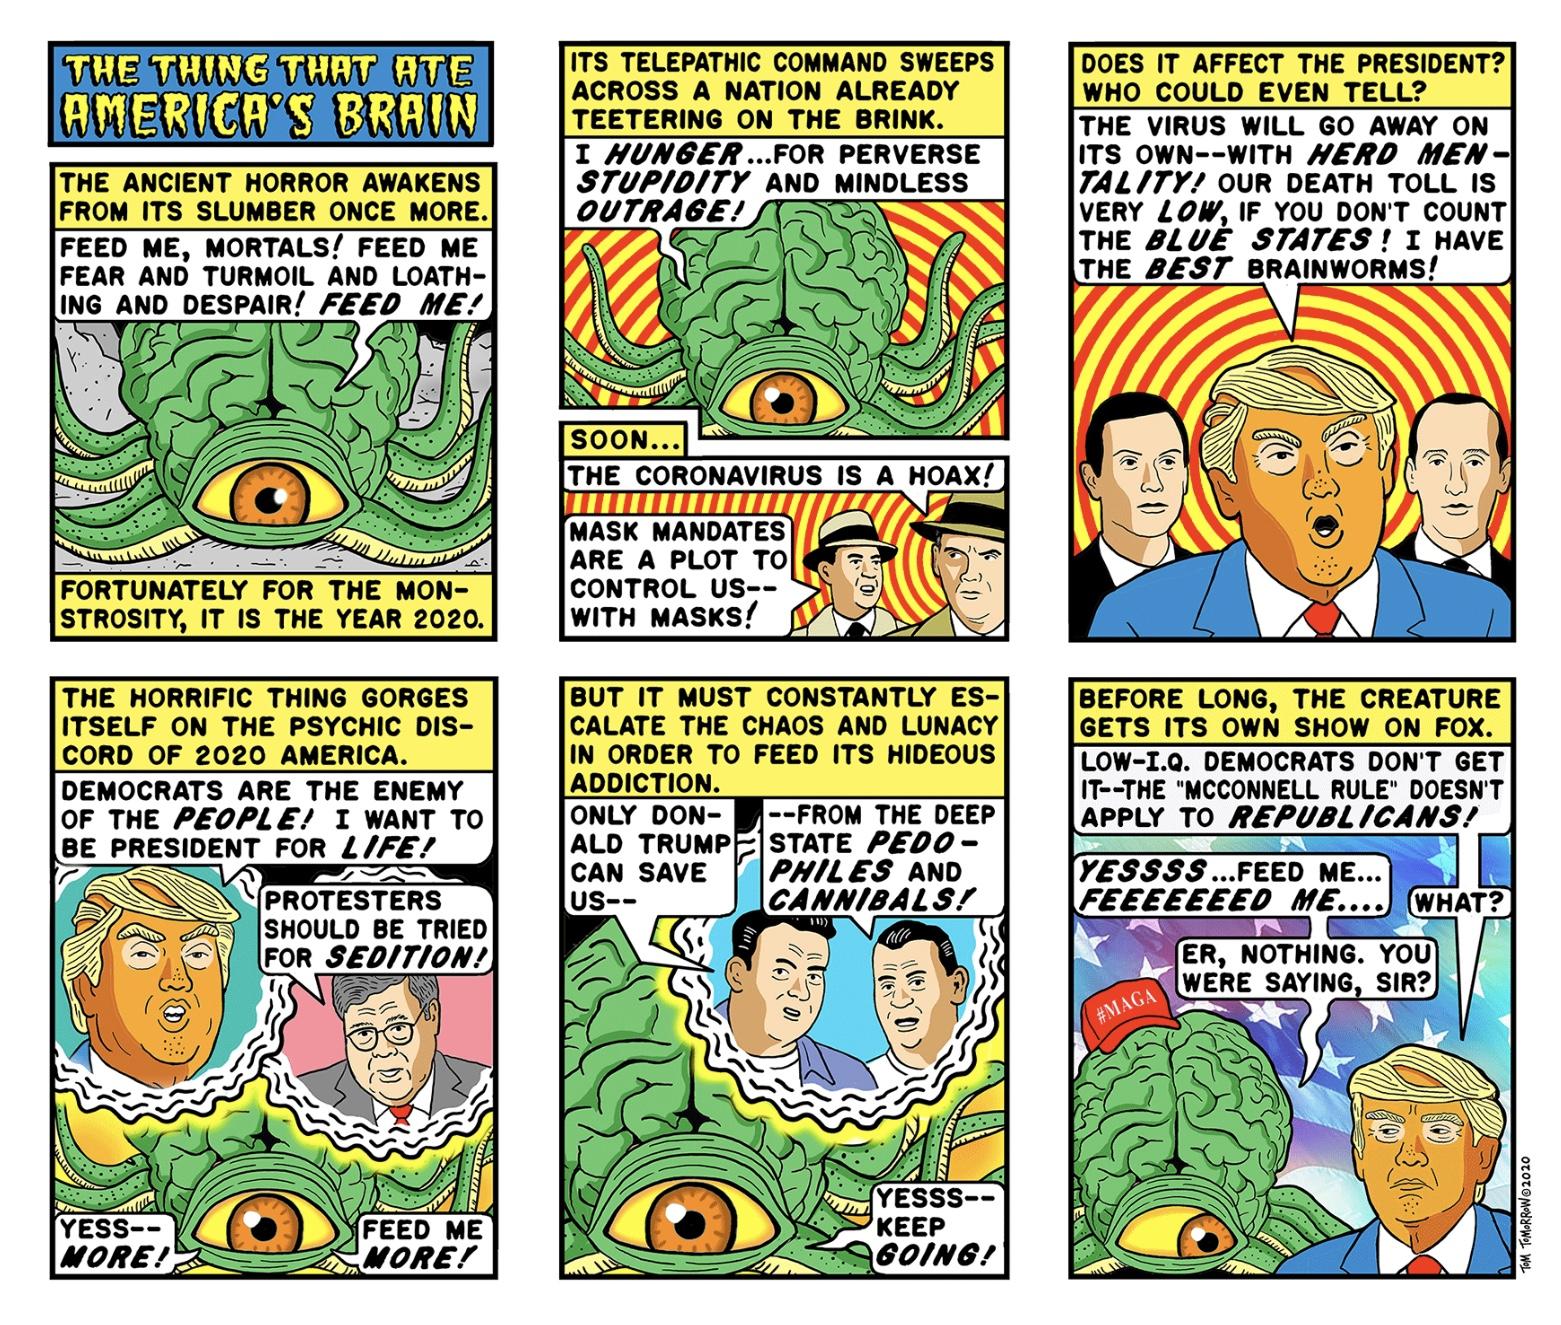 Political cartoons - the 'funny' pics thread.-9d99d2f6-2c11-4eac-9380-9c479409896d-jpeg